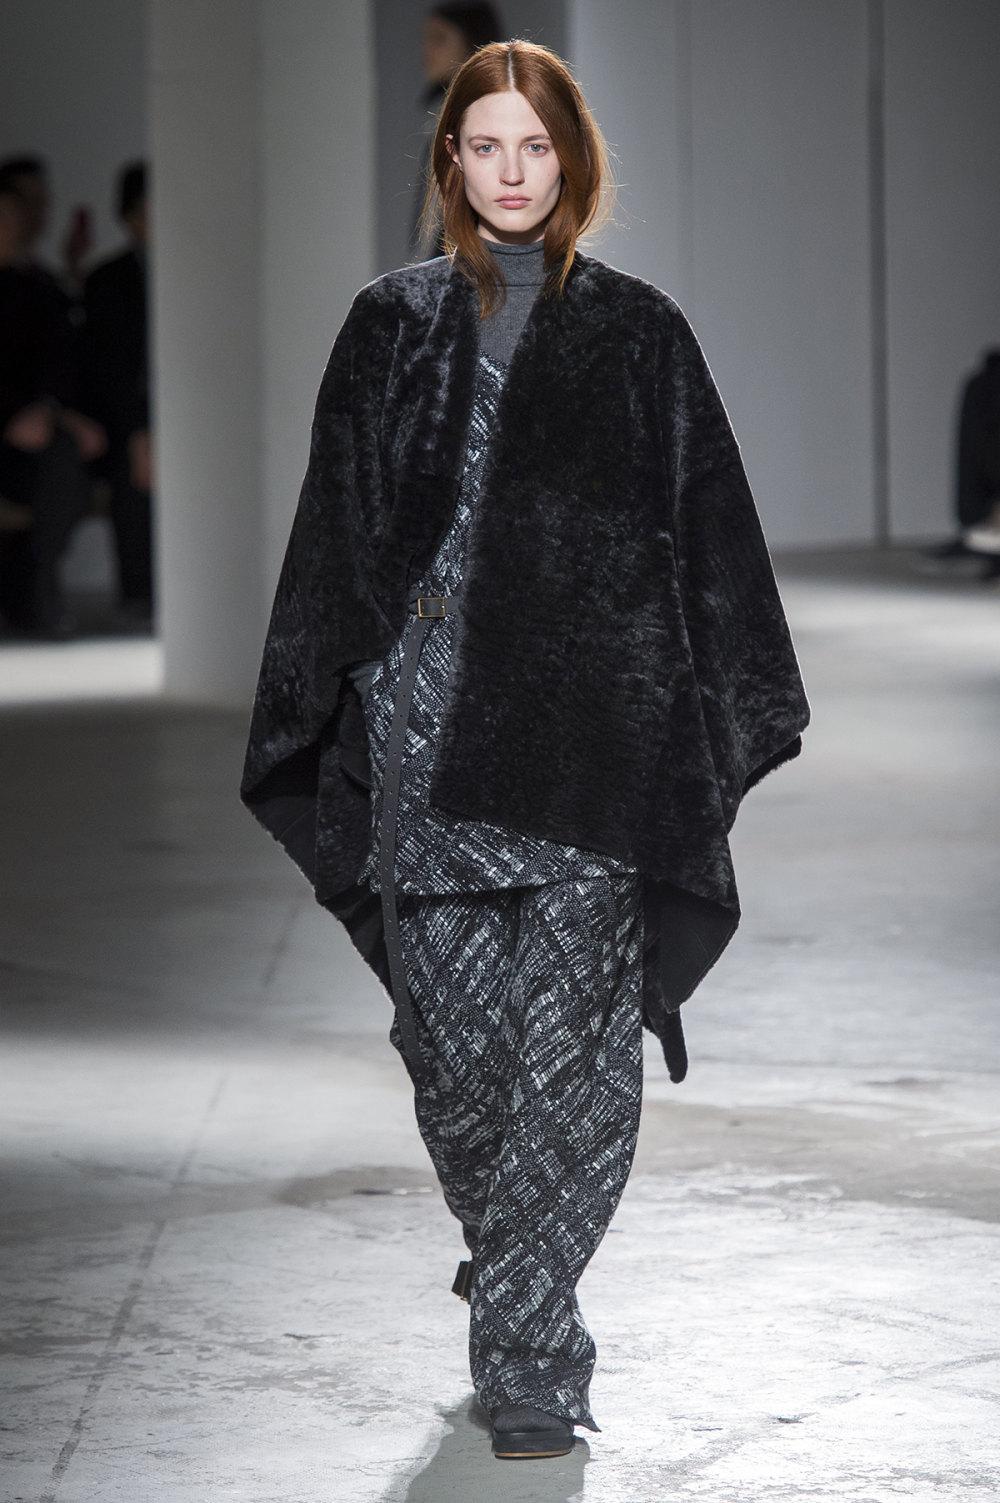 Agnona时装系列有纹理外套长而瘦有些穿着浴袍宽腿裤套装有巧克力-32.jpg